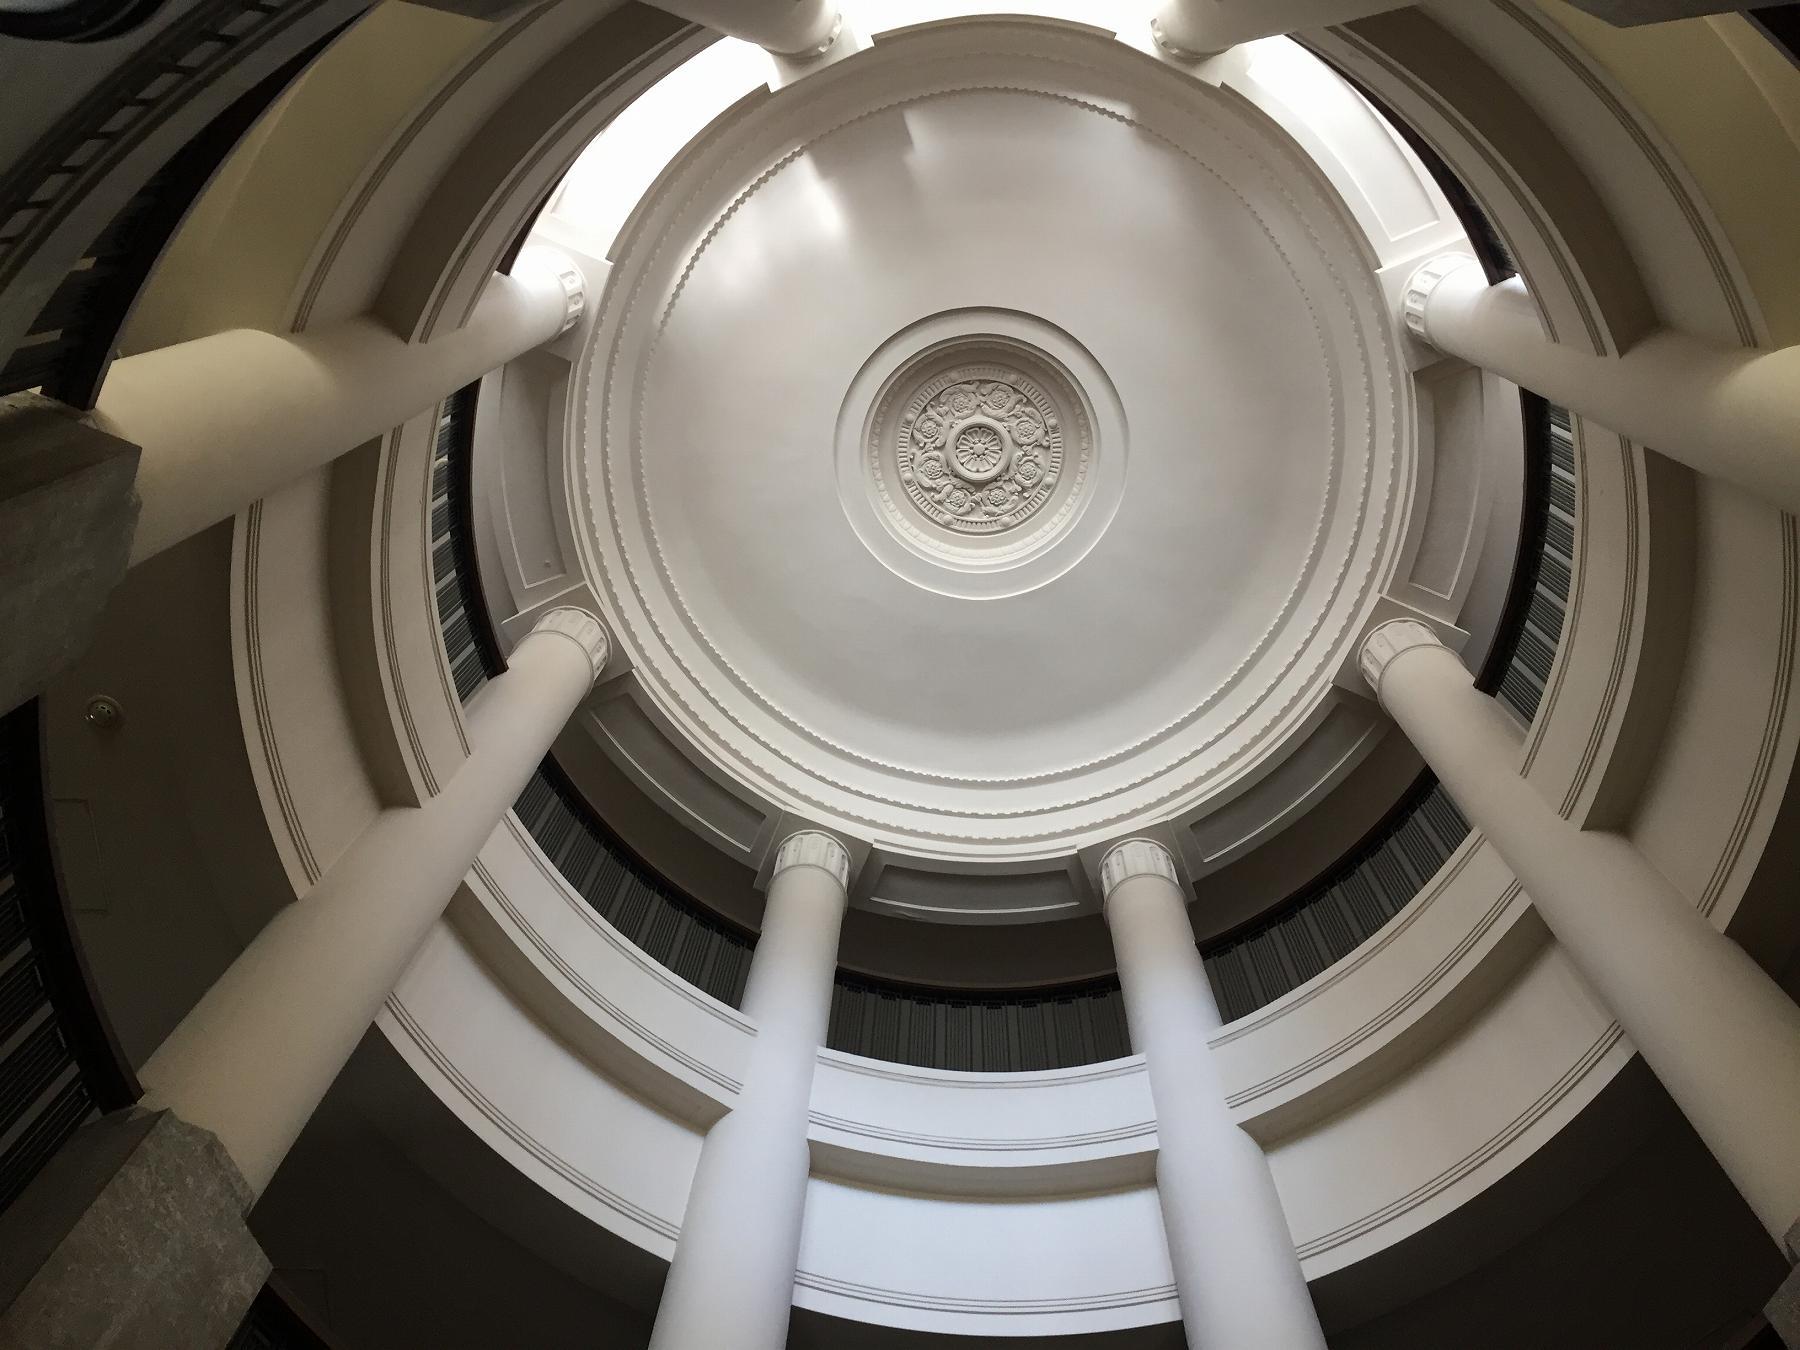 神戸税関 春の特別企画「庁舎特別開放」が2018年3月24日(土)に開催されるよ!#神戸税関 #神戸観光 #近代建築 #産業遺産 #神戸港